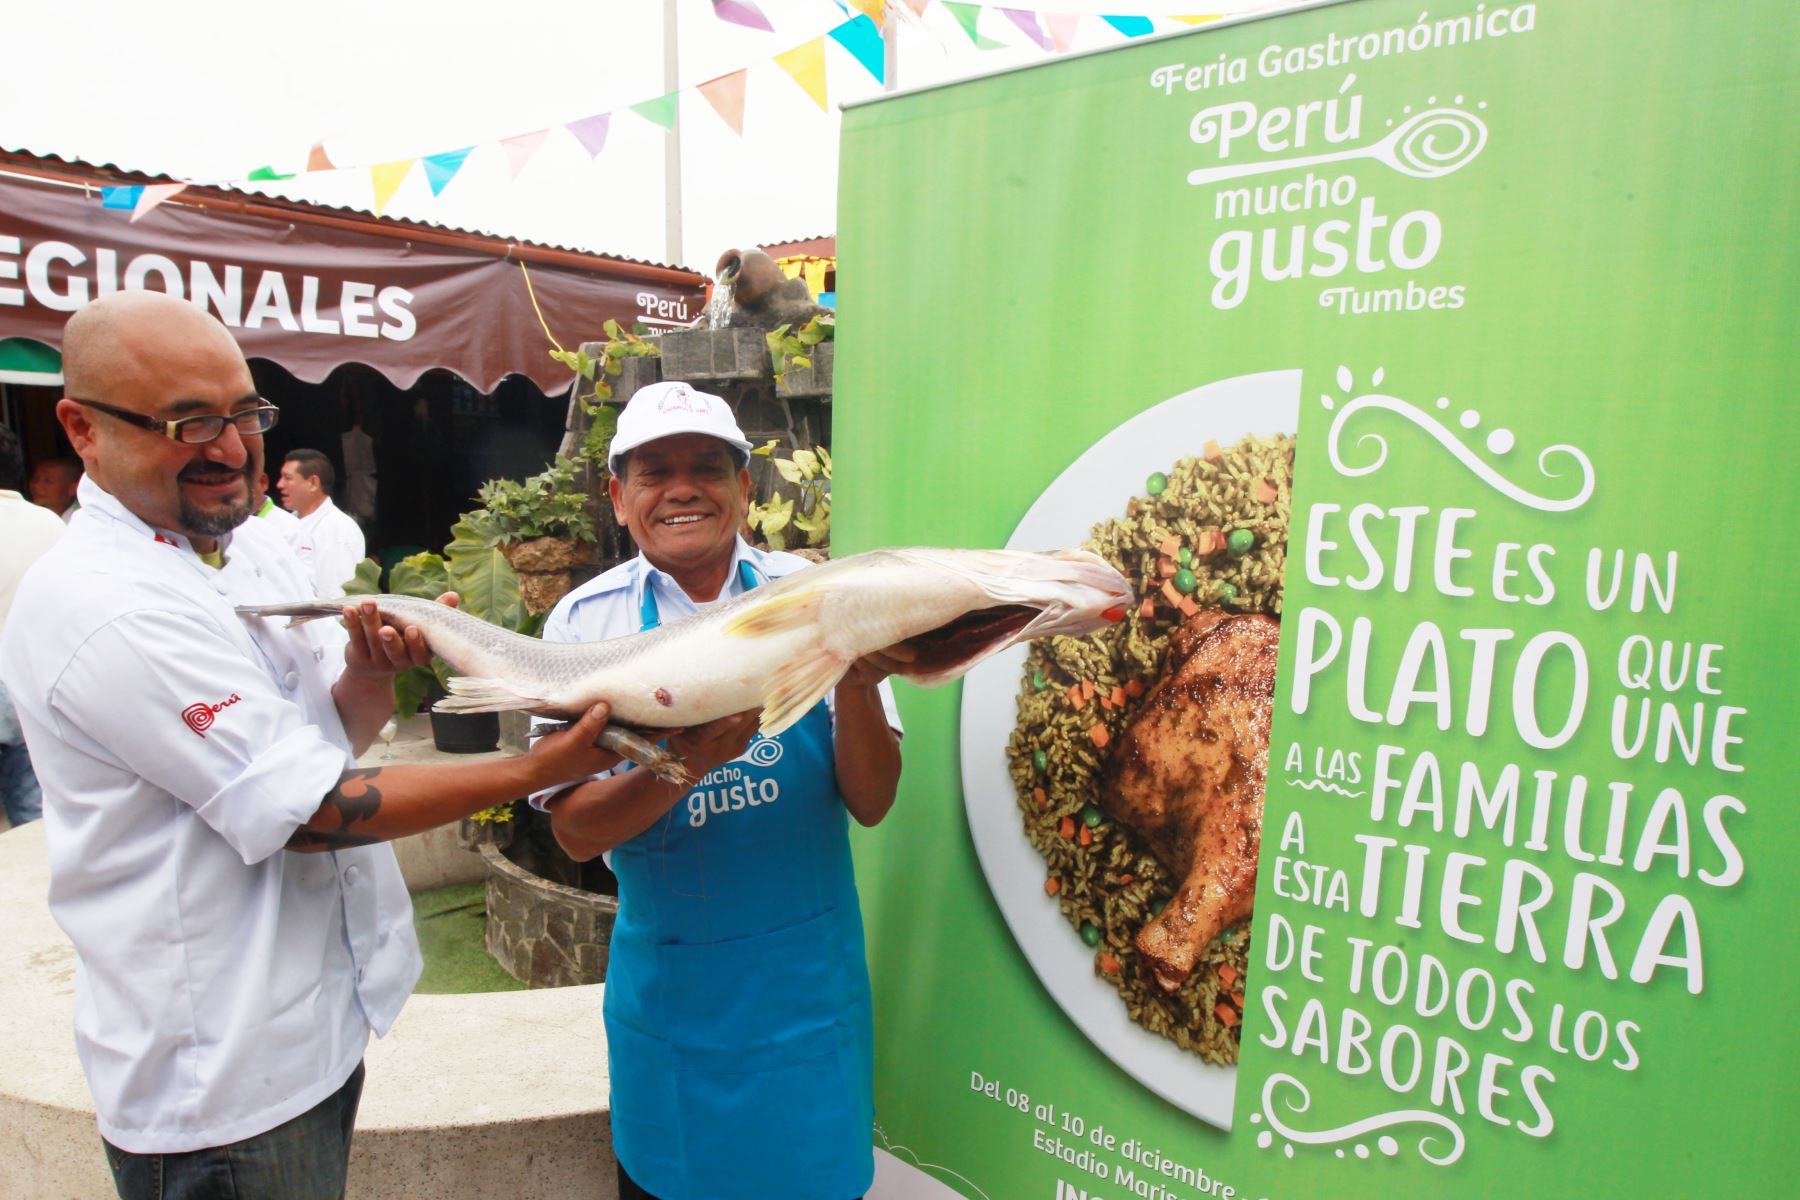 En esta feria gsstronómica participarán destacados chefs. Foto: ANDINA/Héctor Vinces.